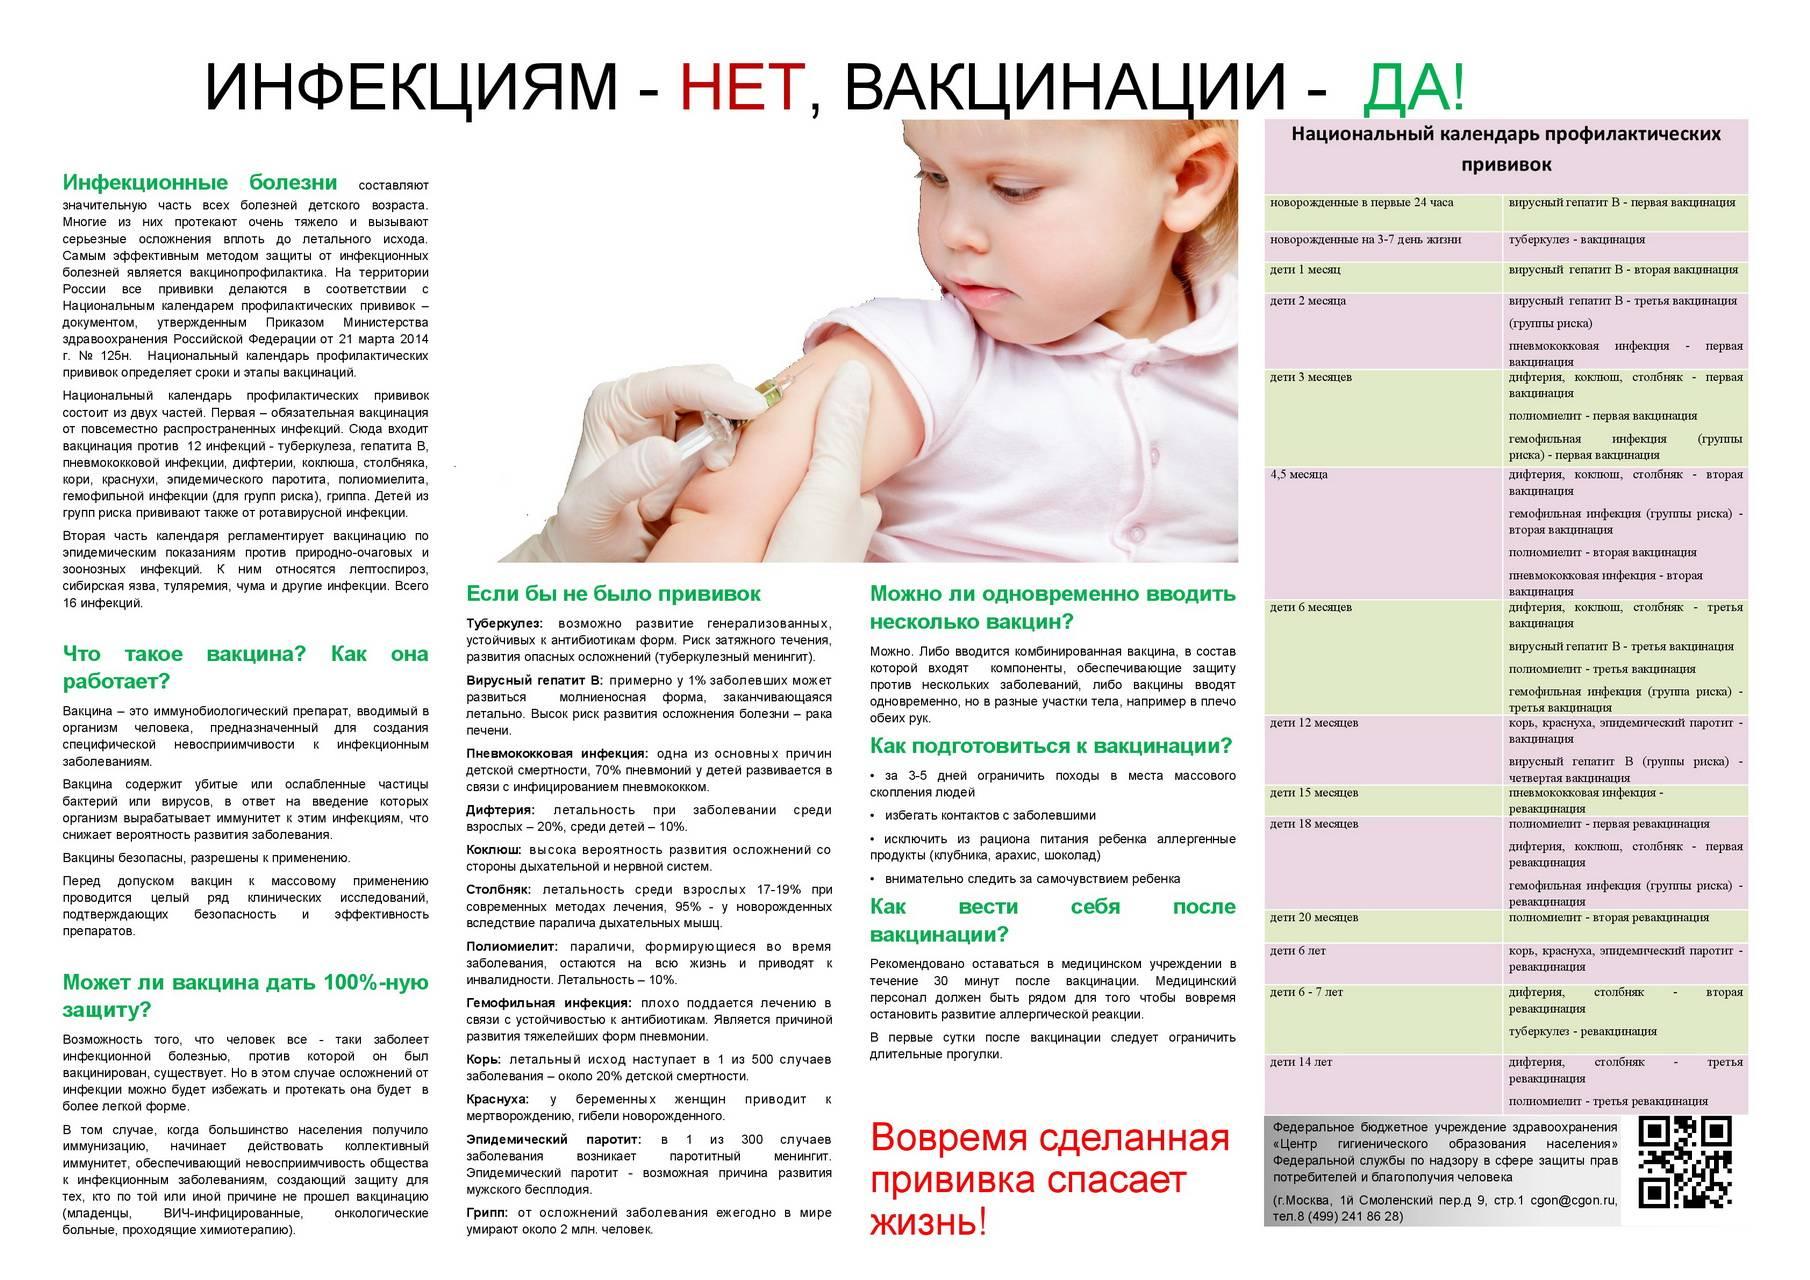 Прививка от ротовирусных инфекций: как проводится